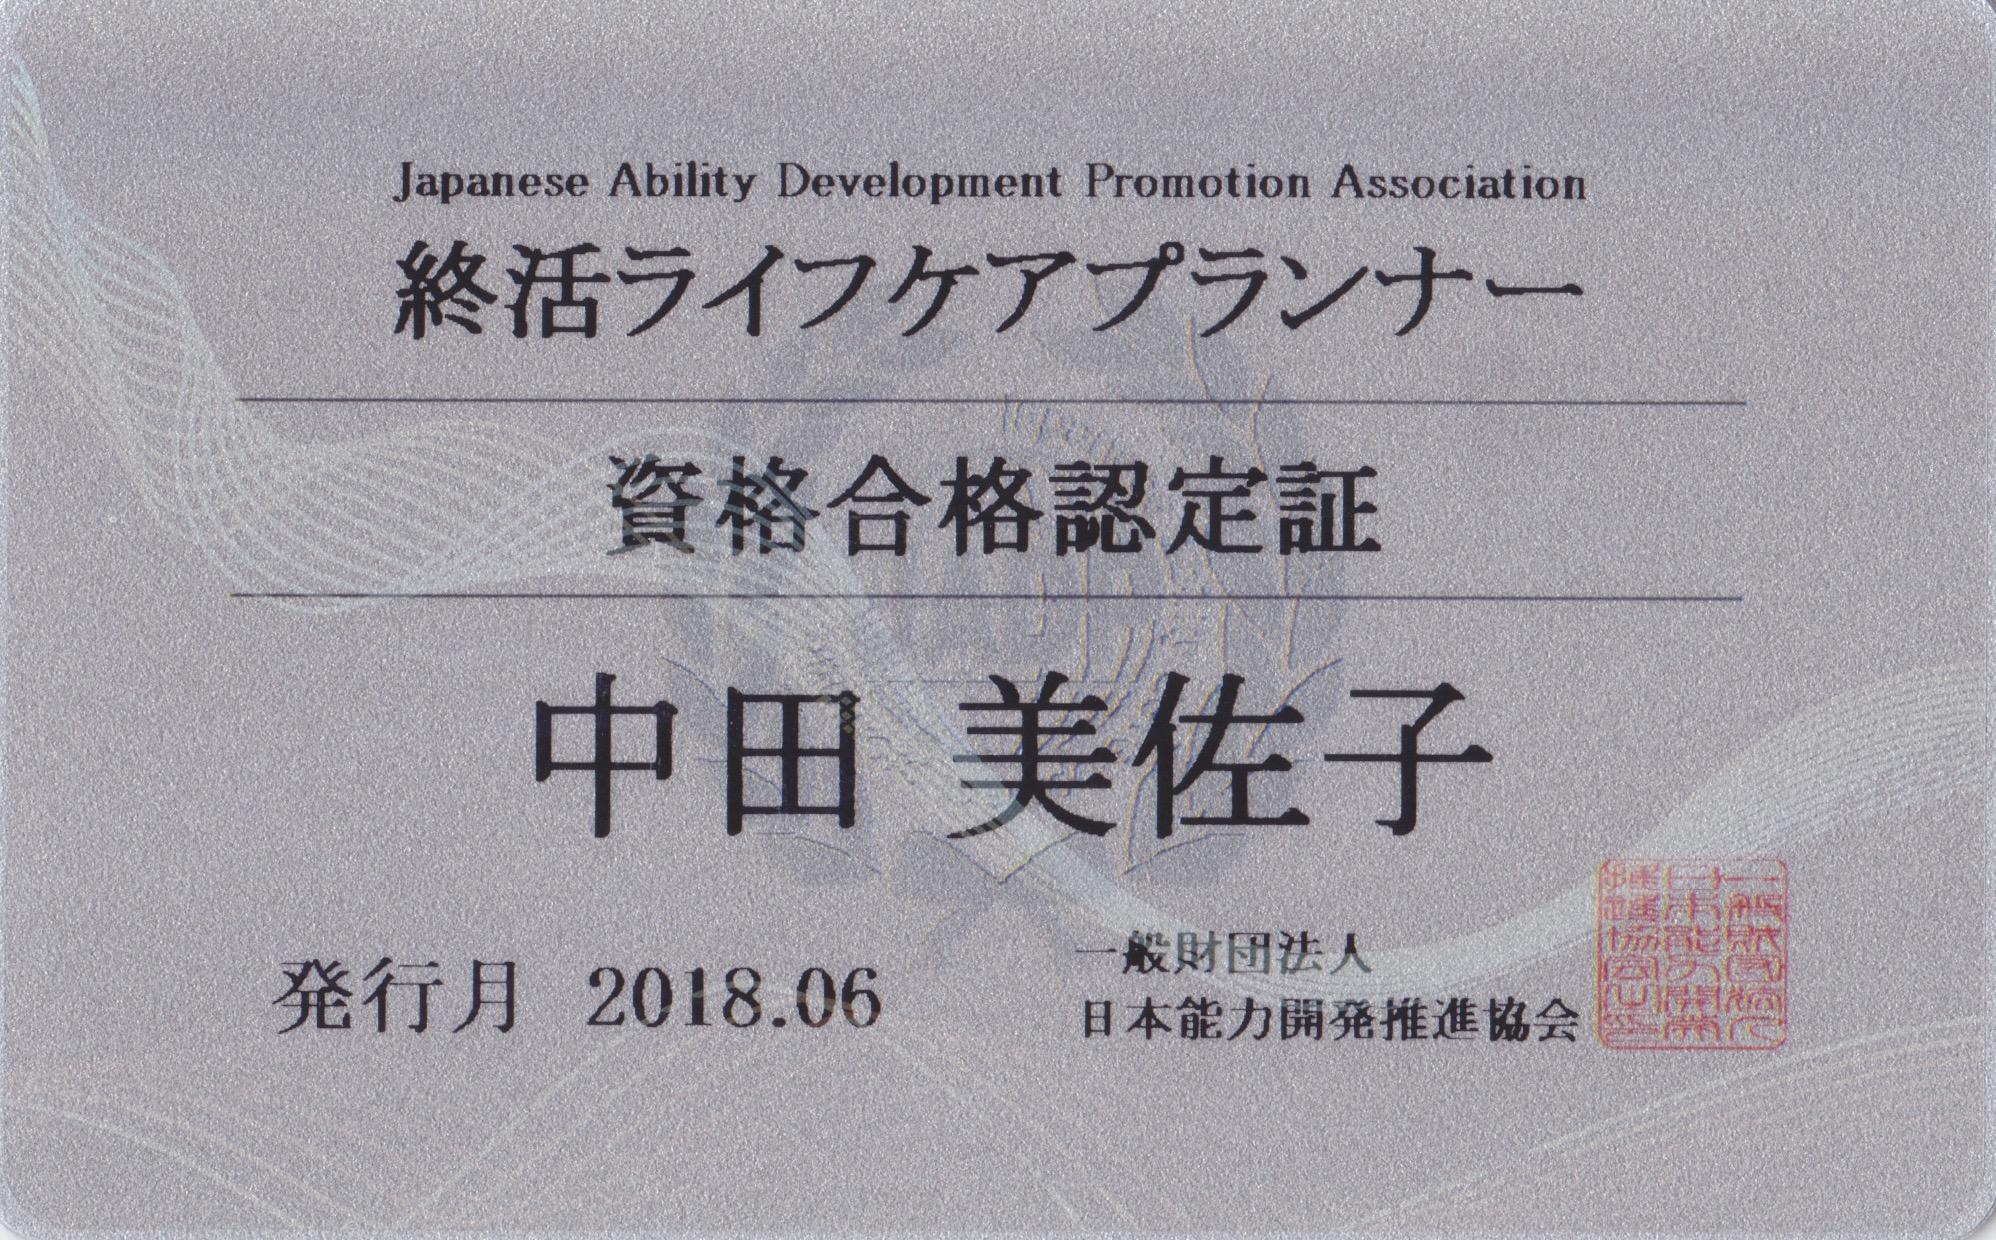 終活ライフケアプランナー資格合格認定証 資格合格認定証